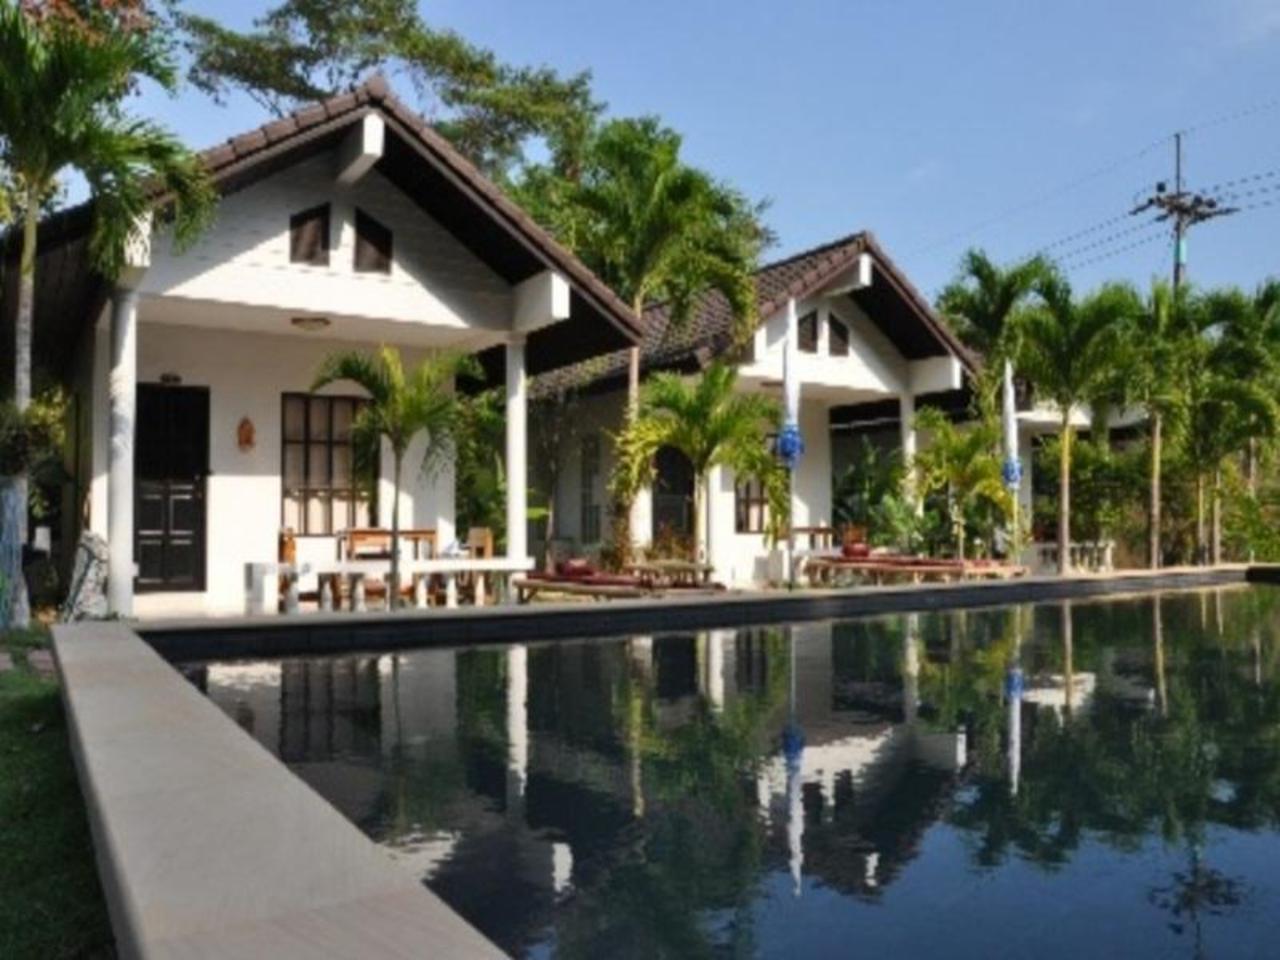 ไพรเวซี รีสอร์ท (Privacy Resort)